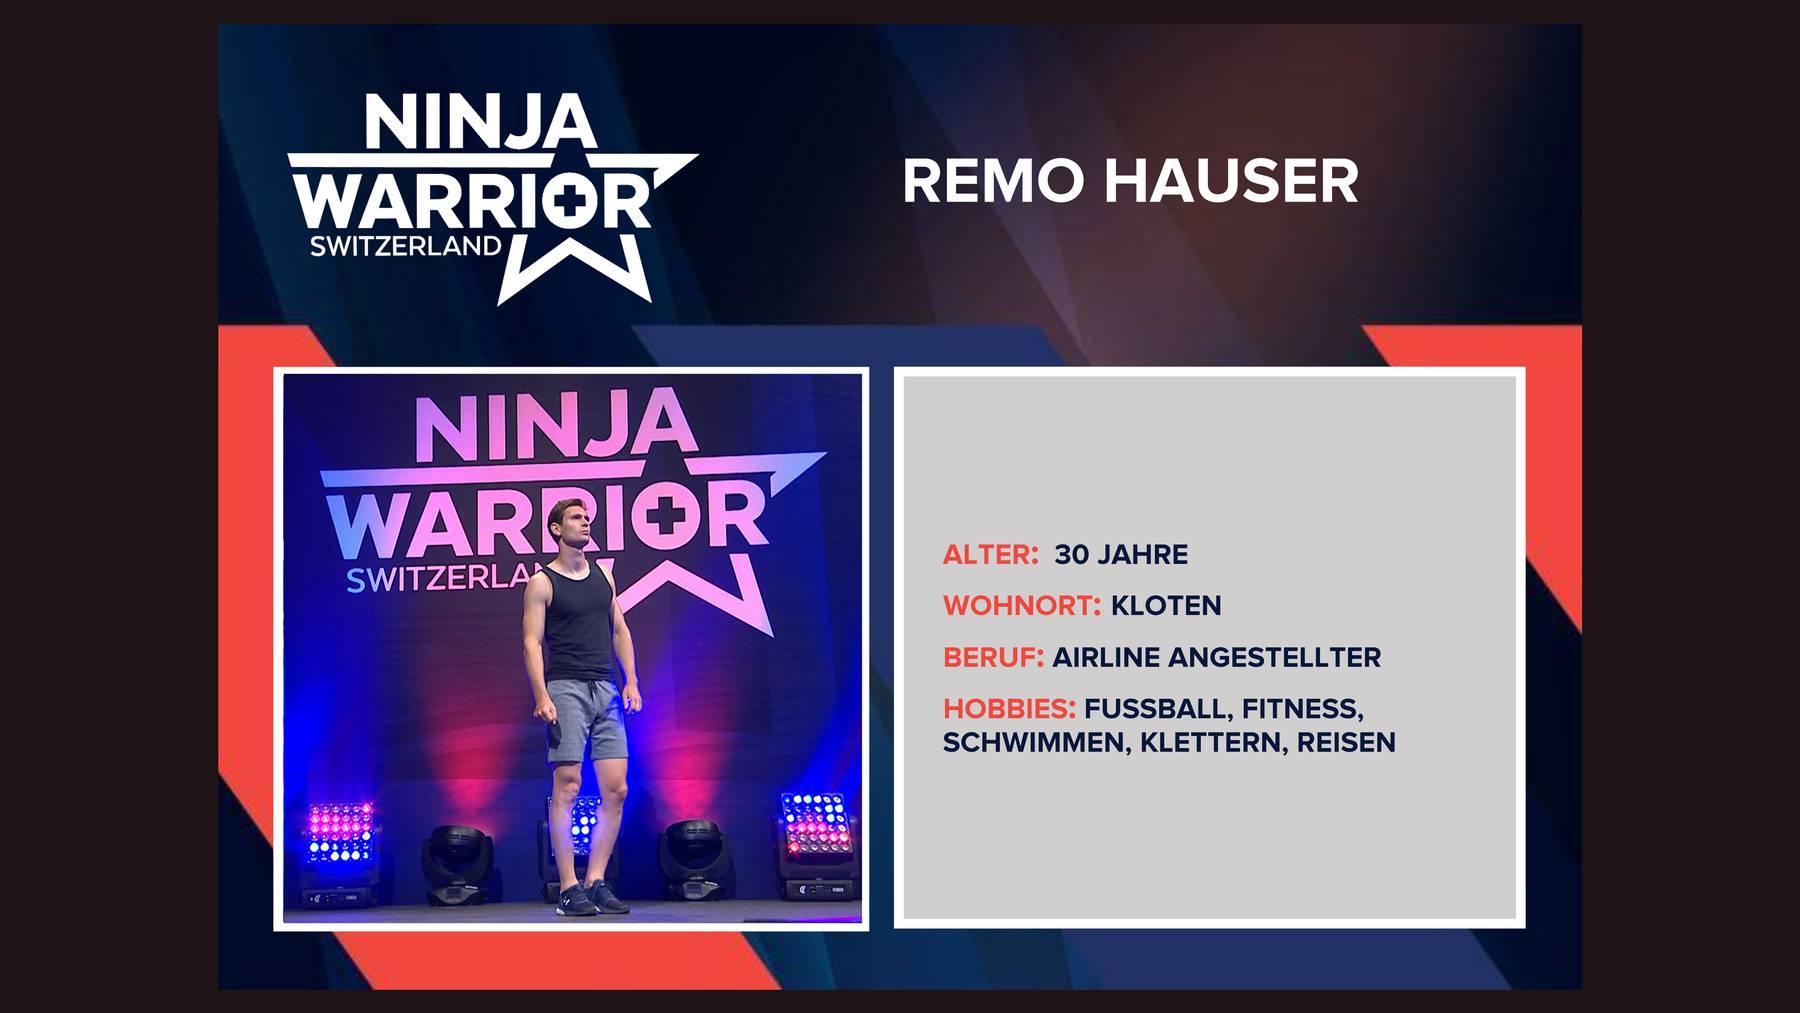 Remo Hauser